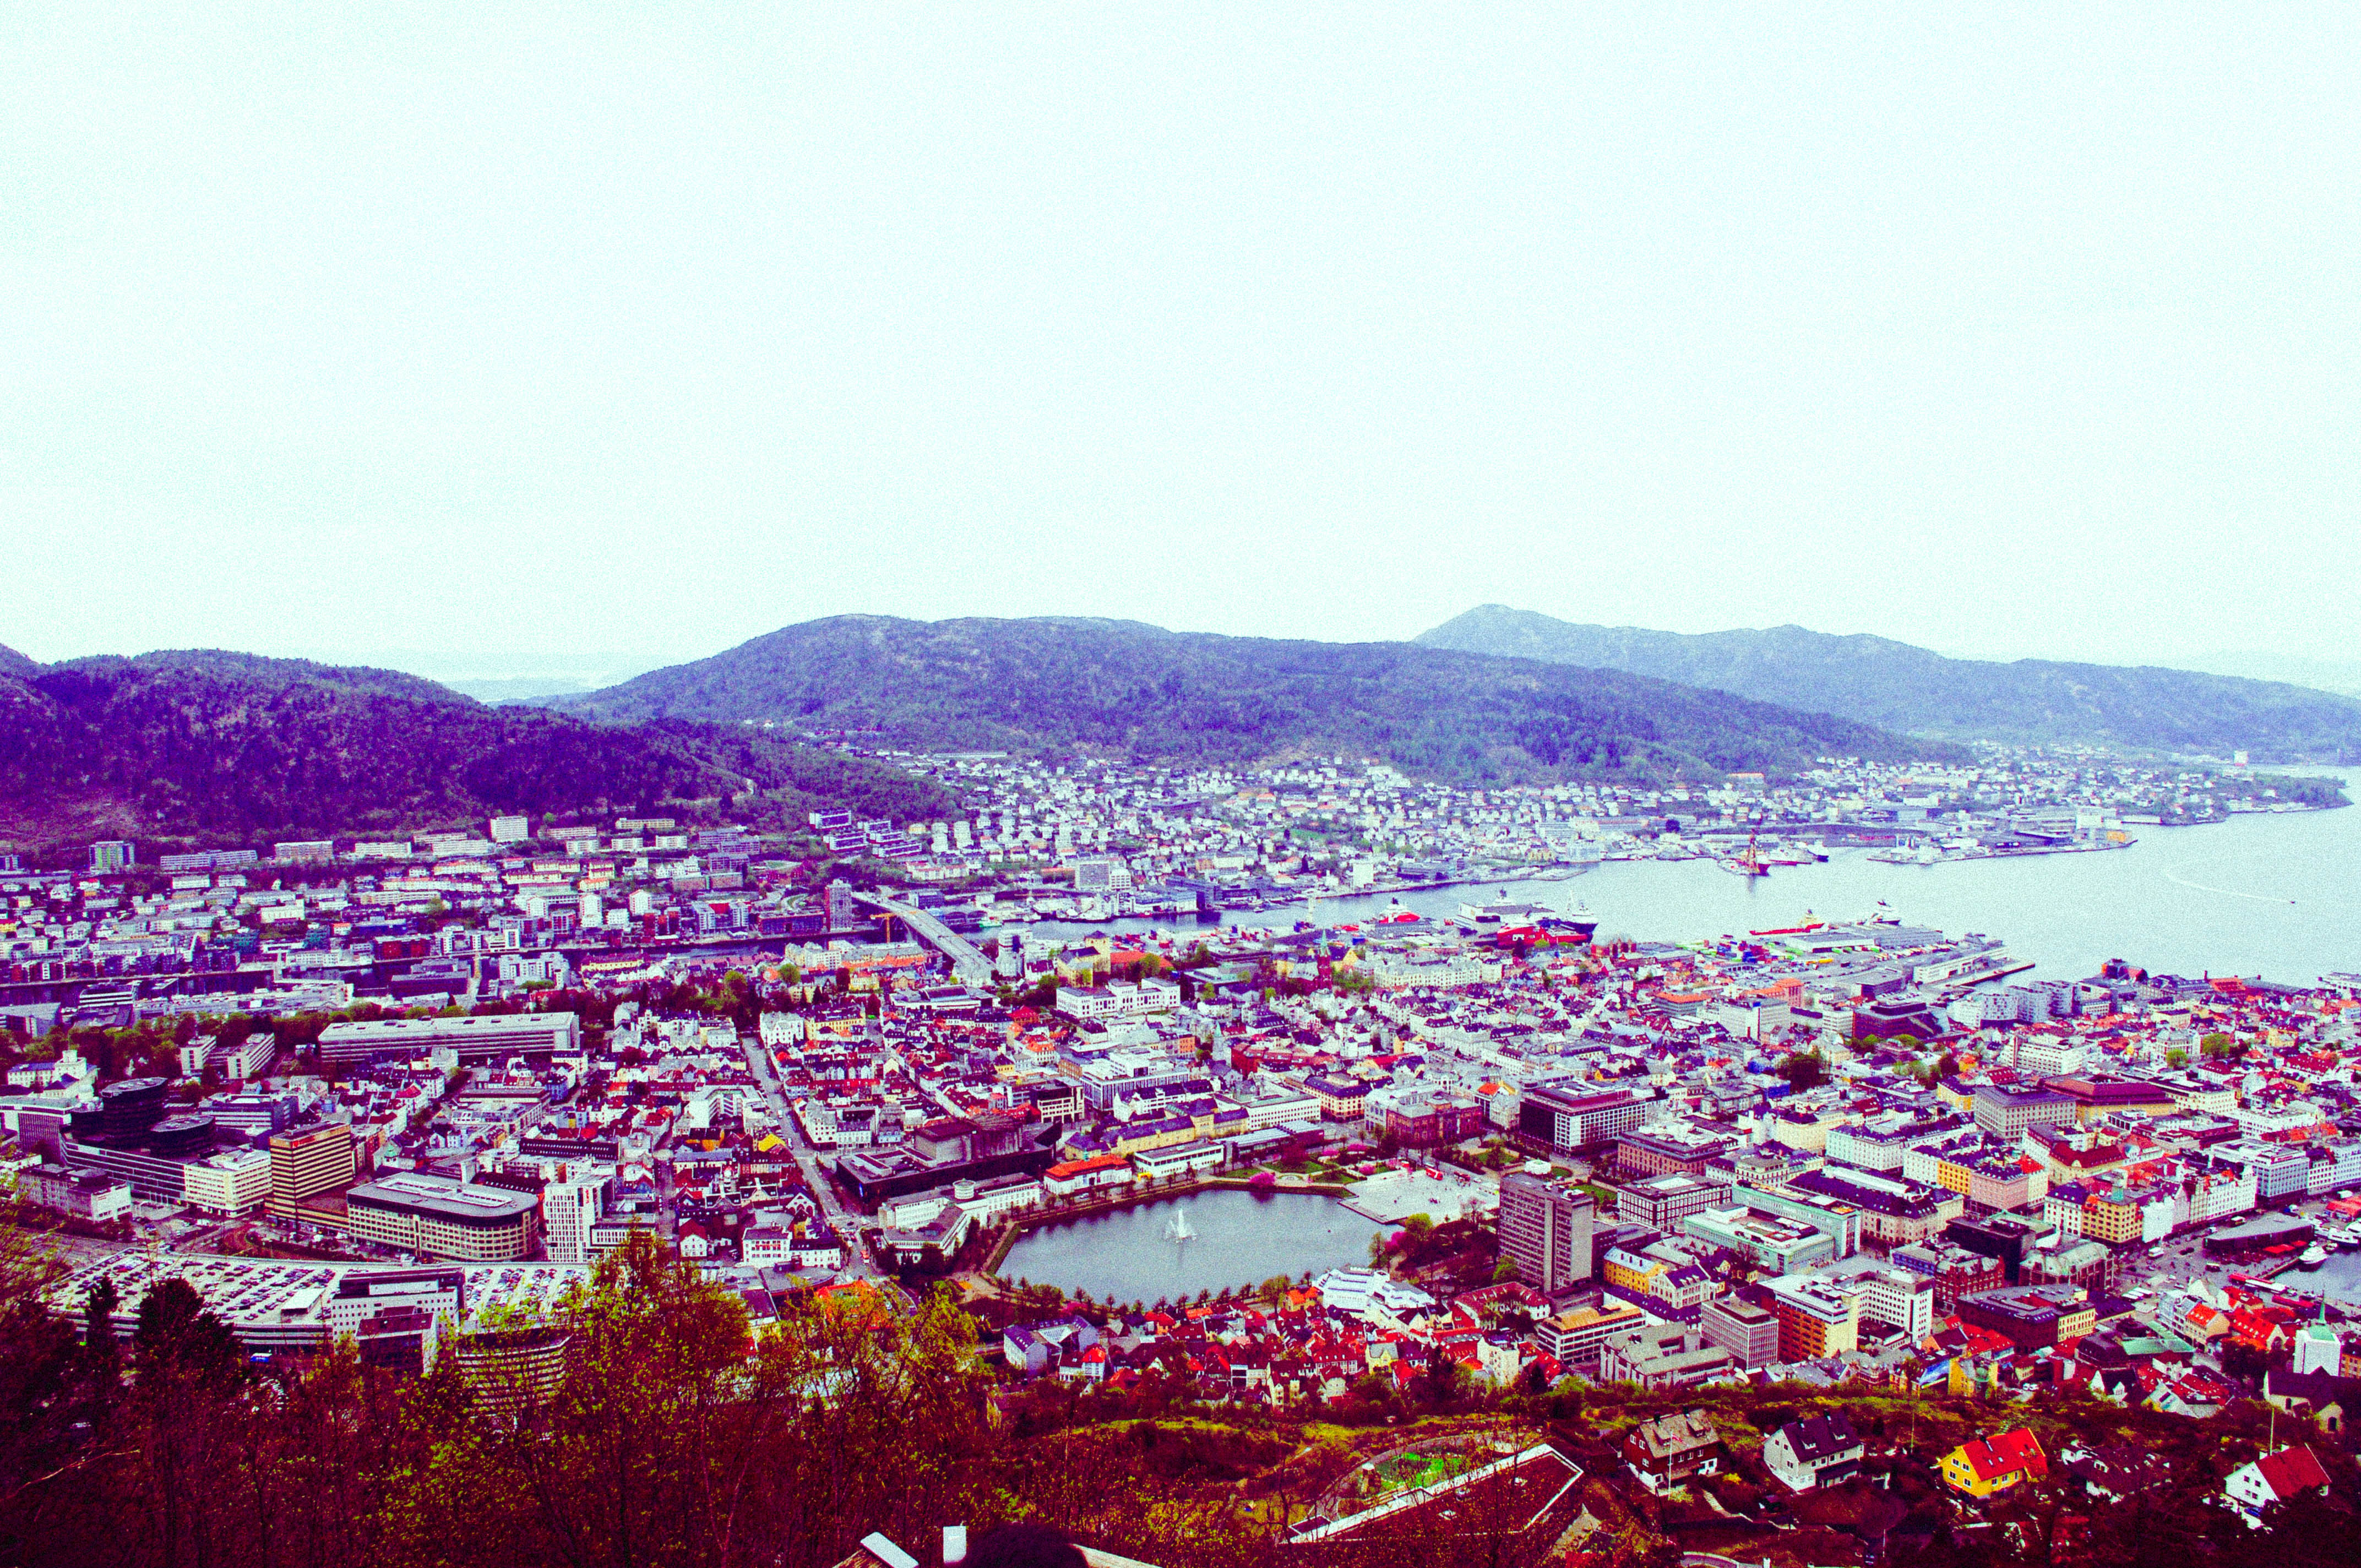 Norway Mountain View